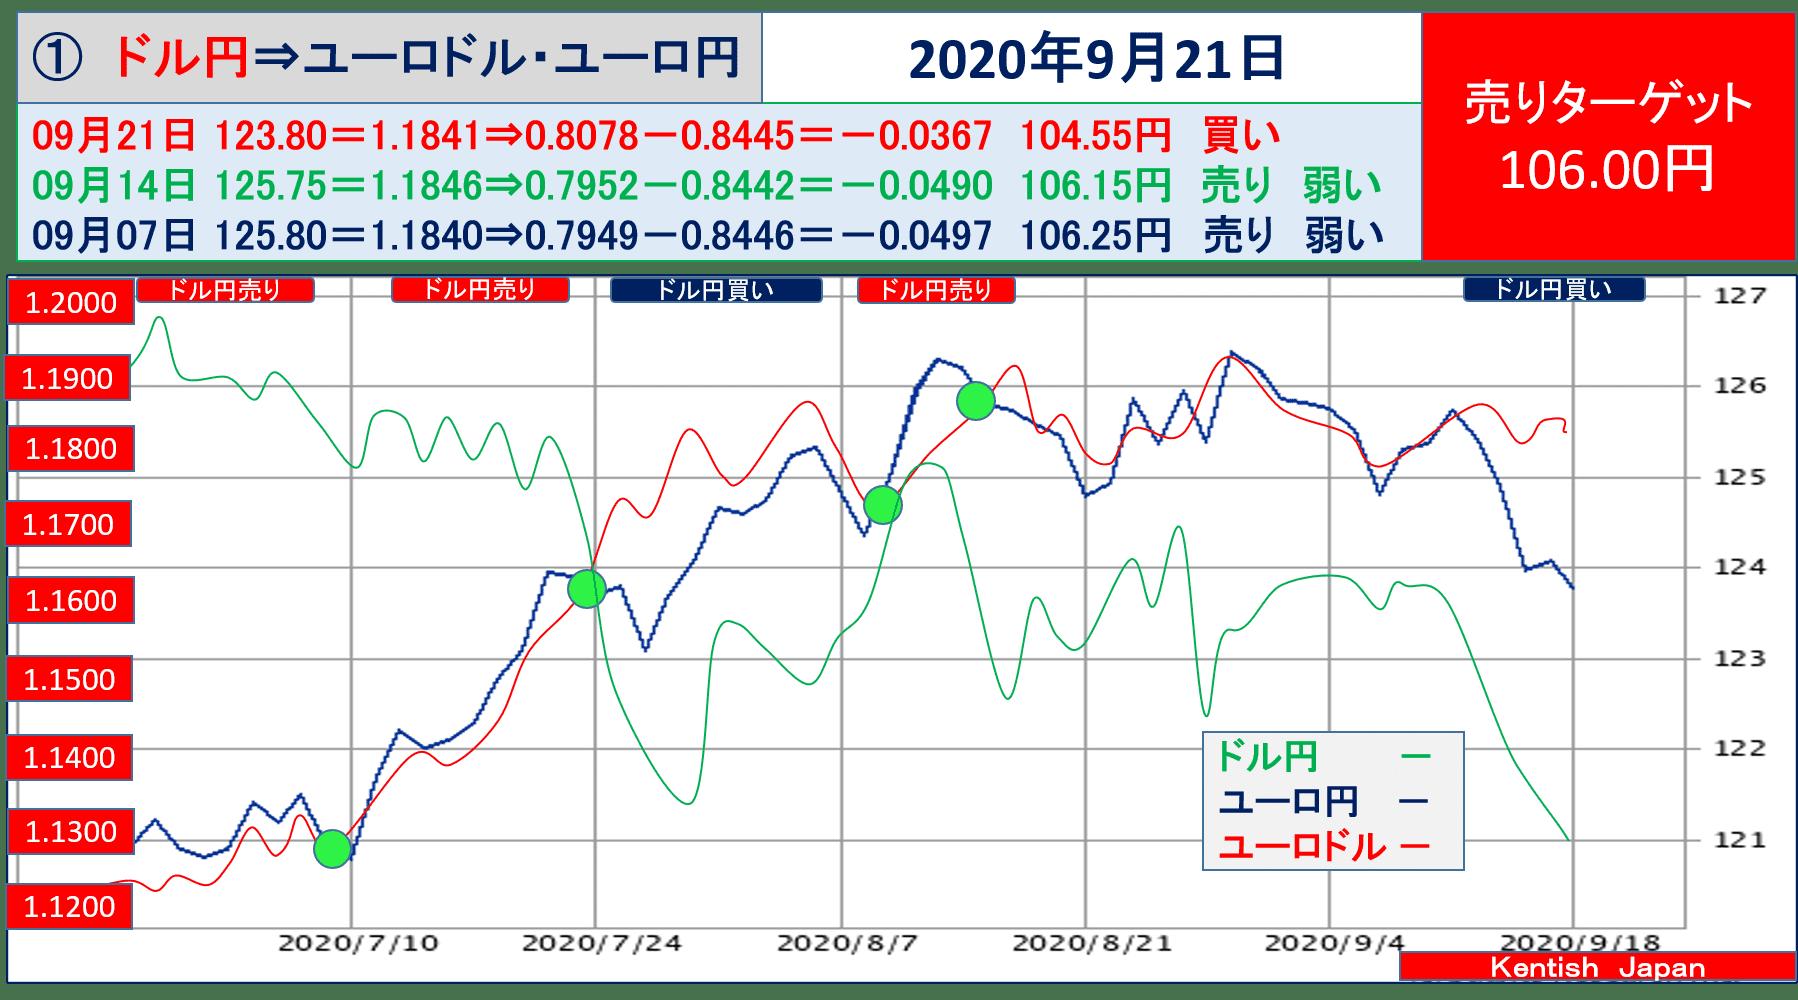 【2020年9月23日週】ドル円⇔ユーロから見るドル円相場(ユーロドル⇔ユーロ円)